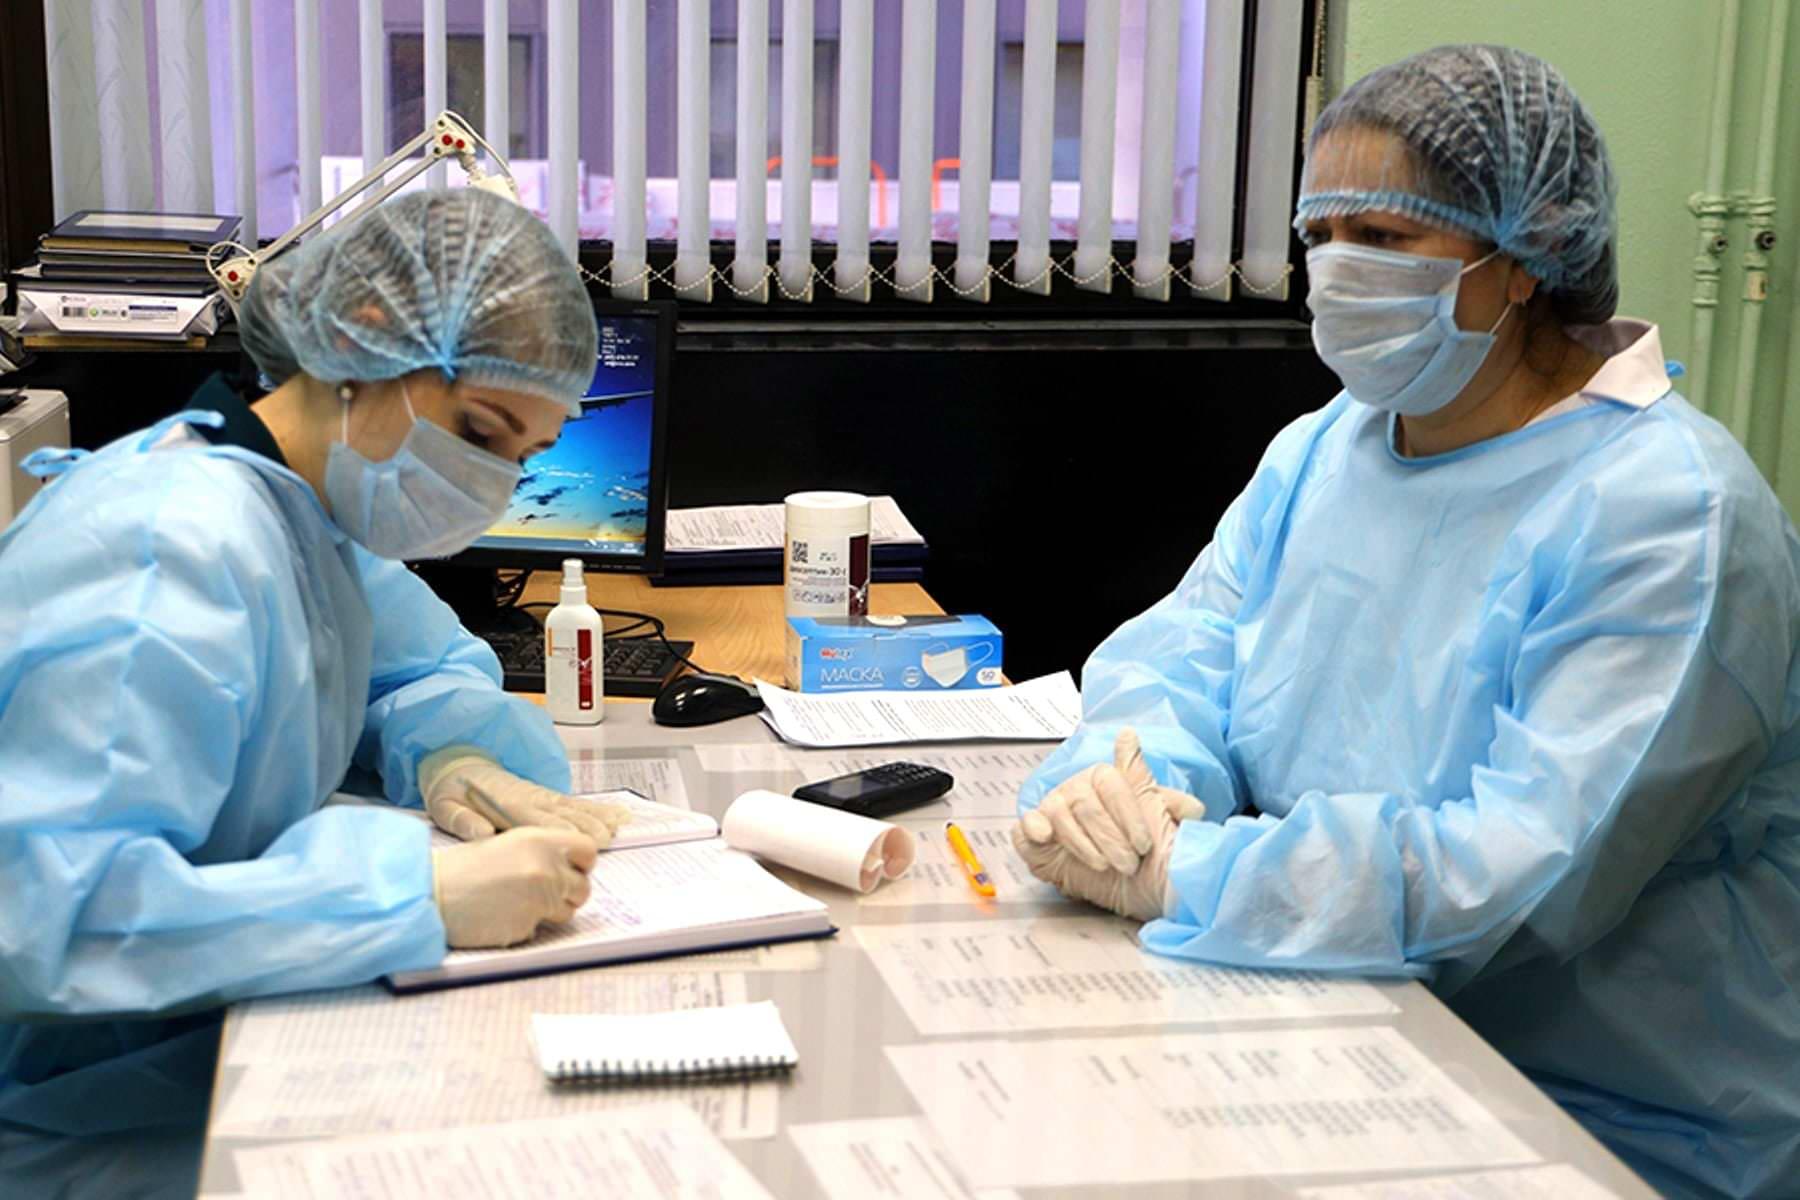 Кабмин выделил на выплаты медикам дополнительно 6,5 млрд руб.